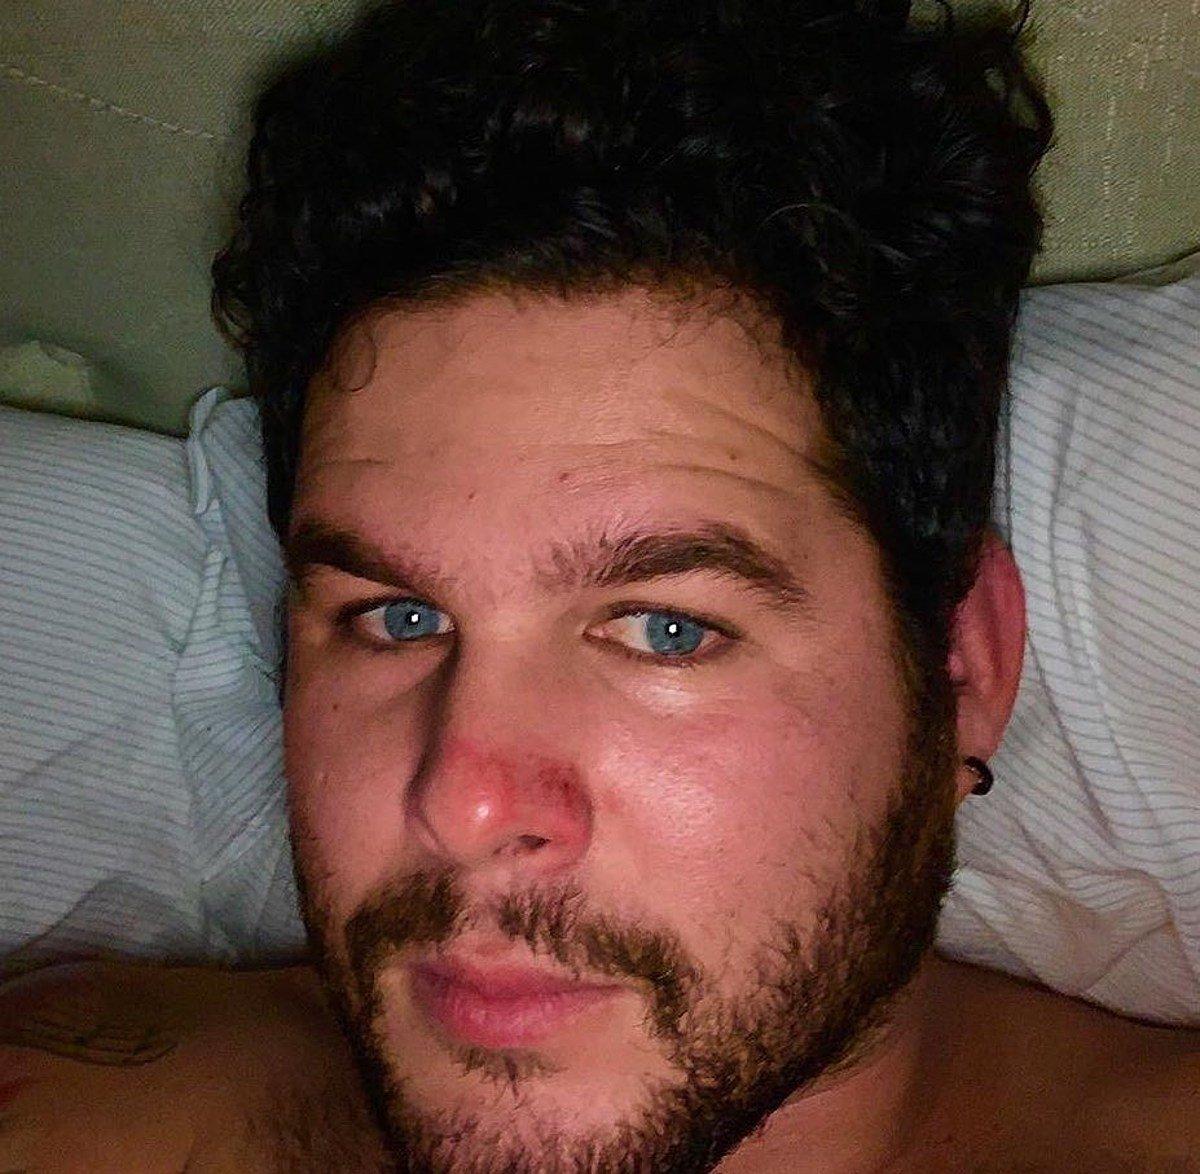 El músico cubano Lorenzo Molina tras la agresión sufrida en un bar de Tennessee, EE.UU., al parecer por hablar en español con un amigo. Foto: Facebook de Lorenzo Molina.